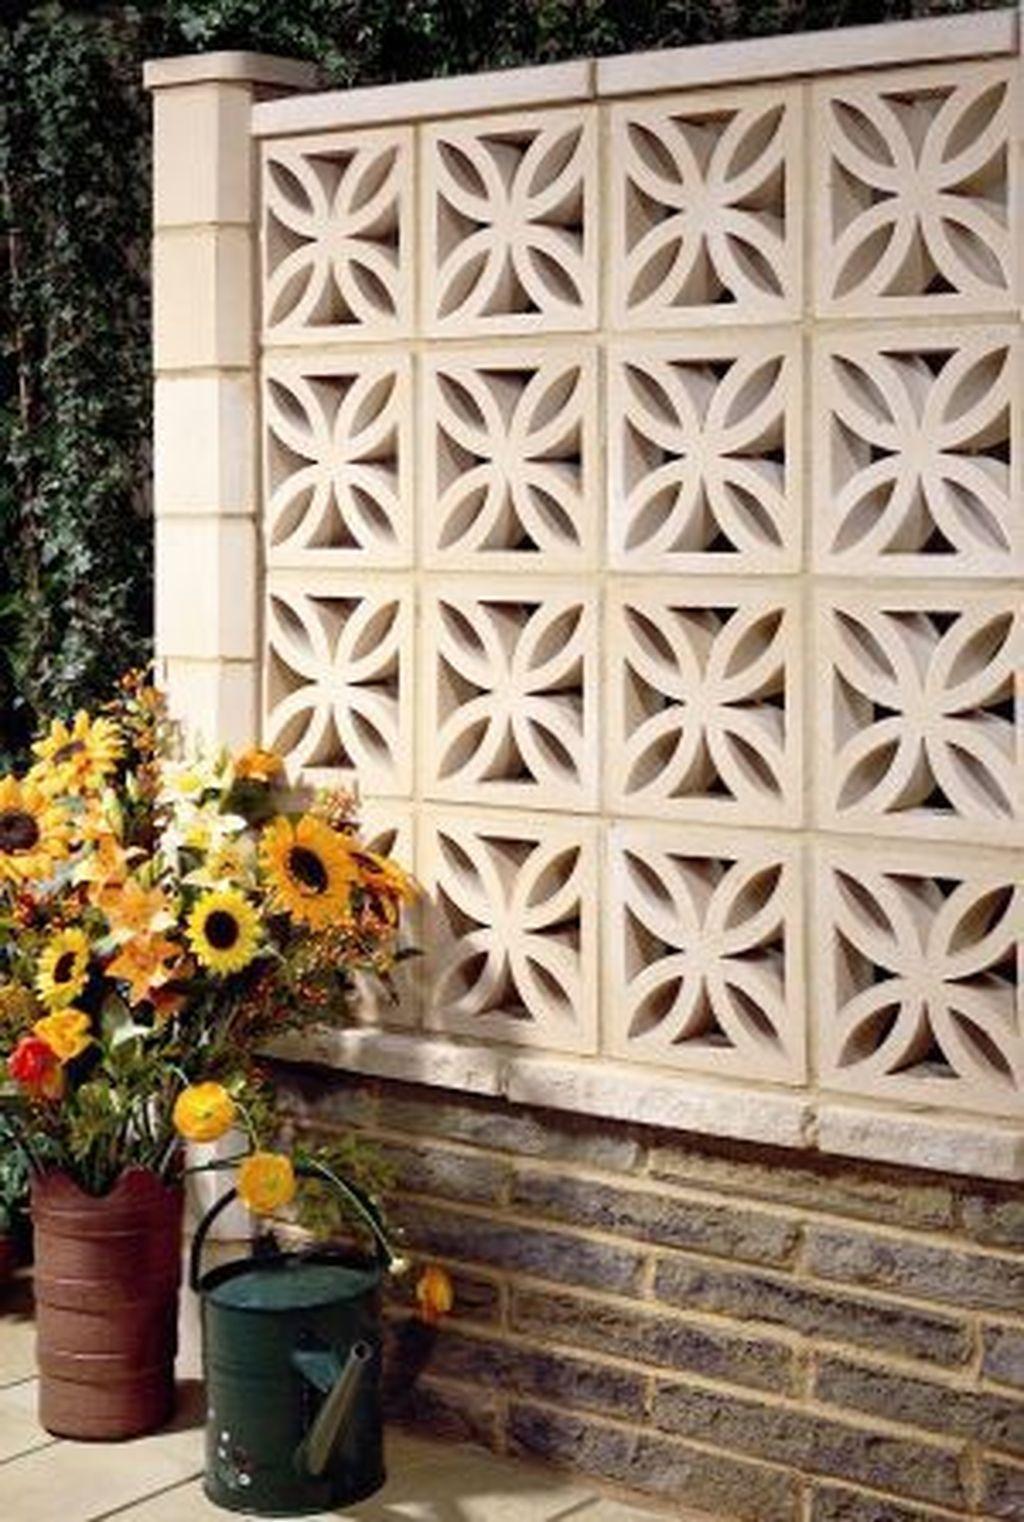 33 Fancy Breeze Block Wall Backyard Ideas For Your ... on Backyard Cinder Block Wall Ideas id=27550